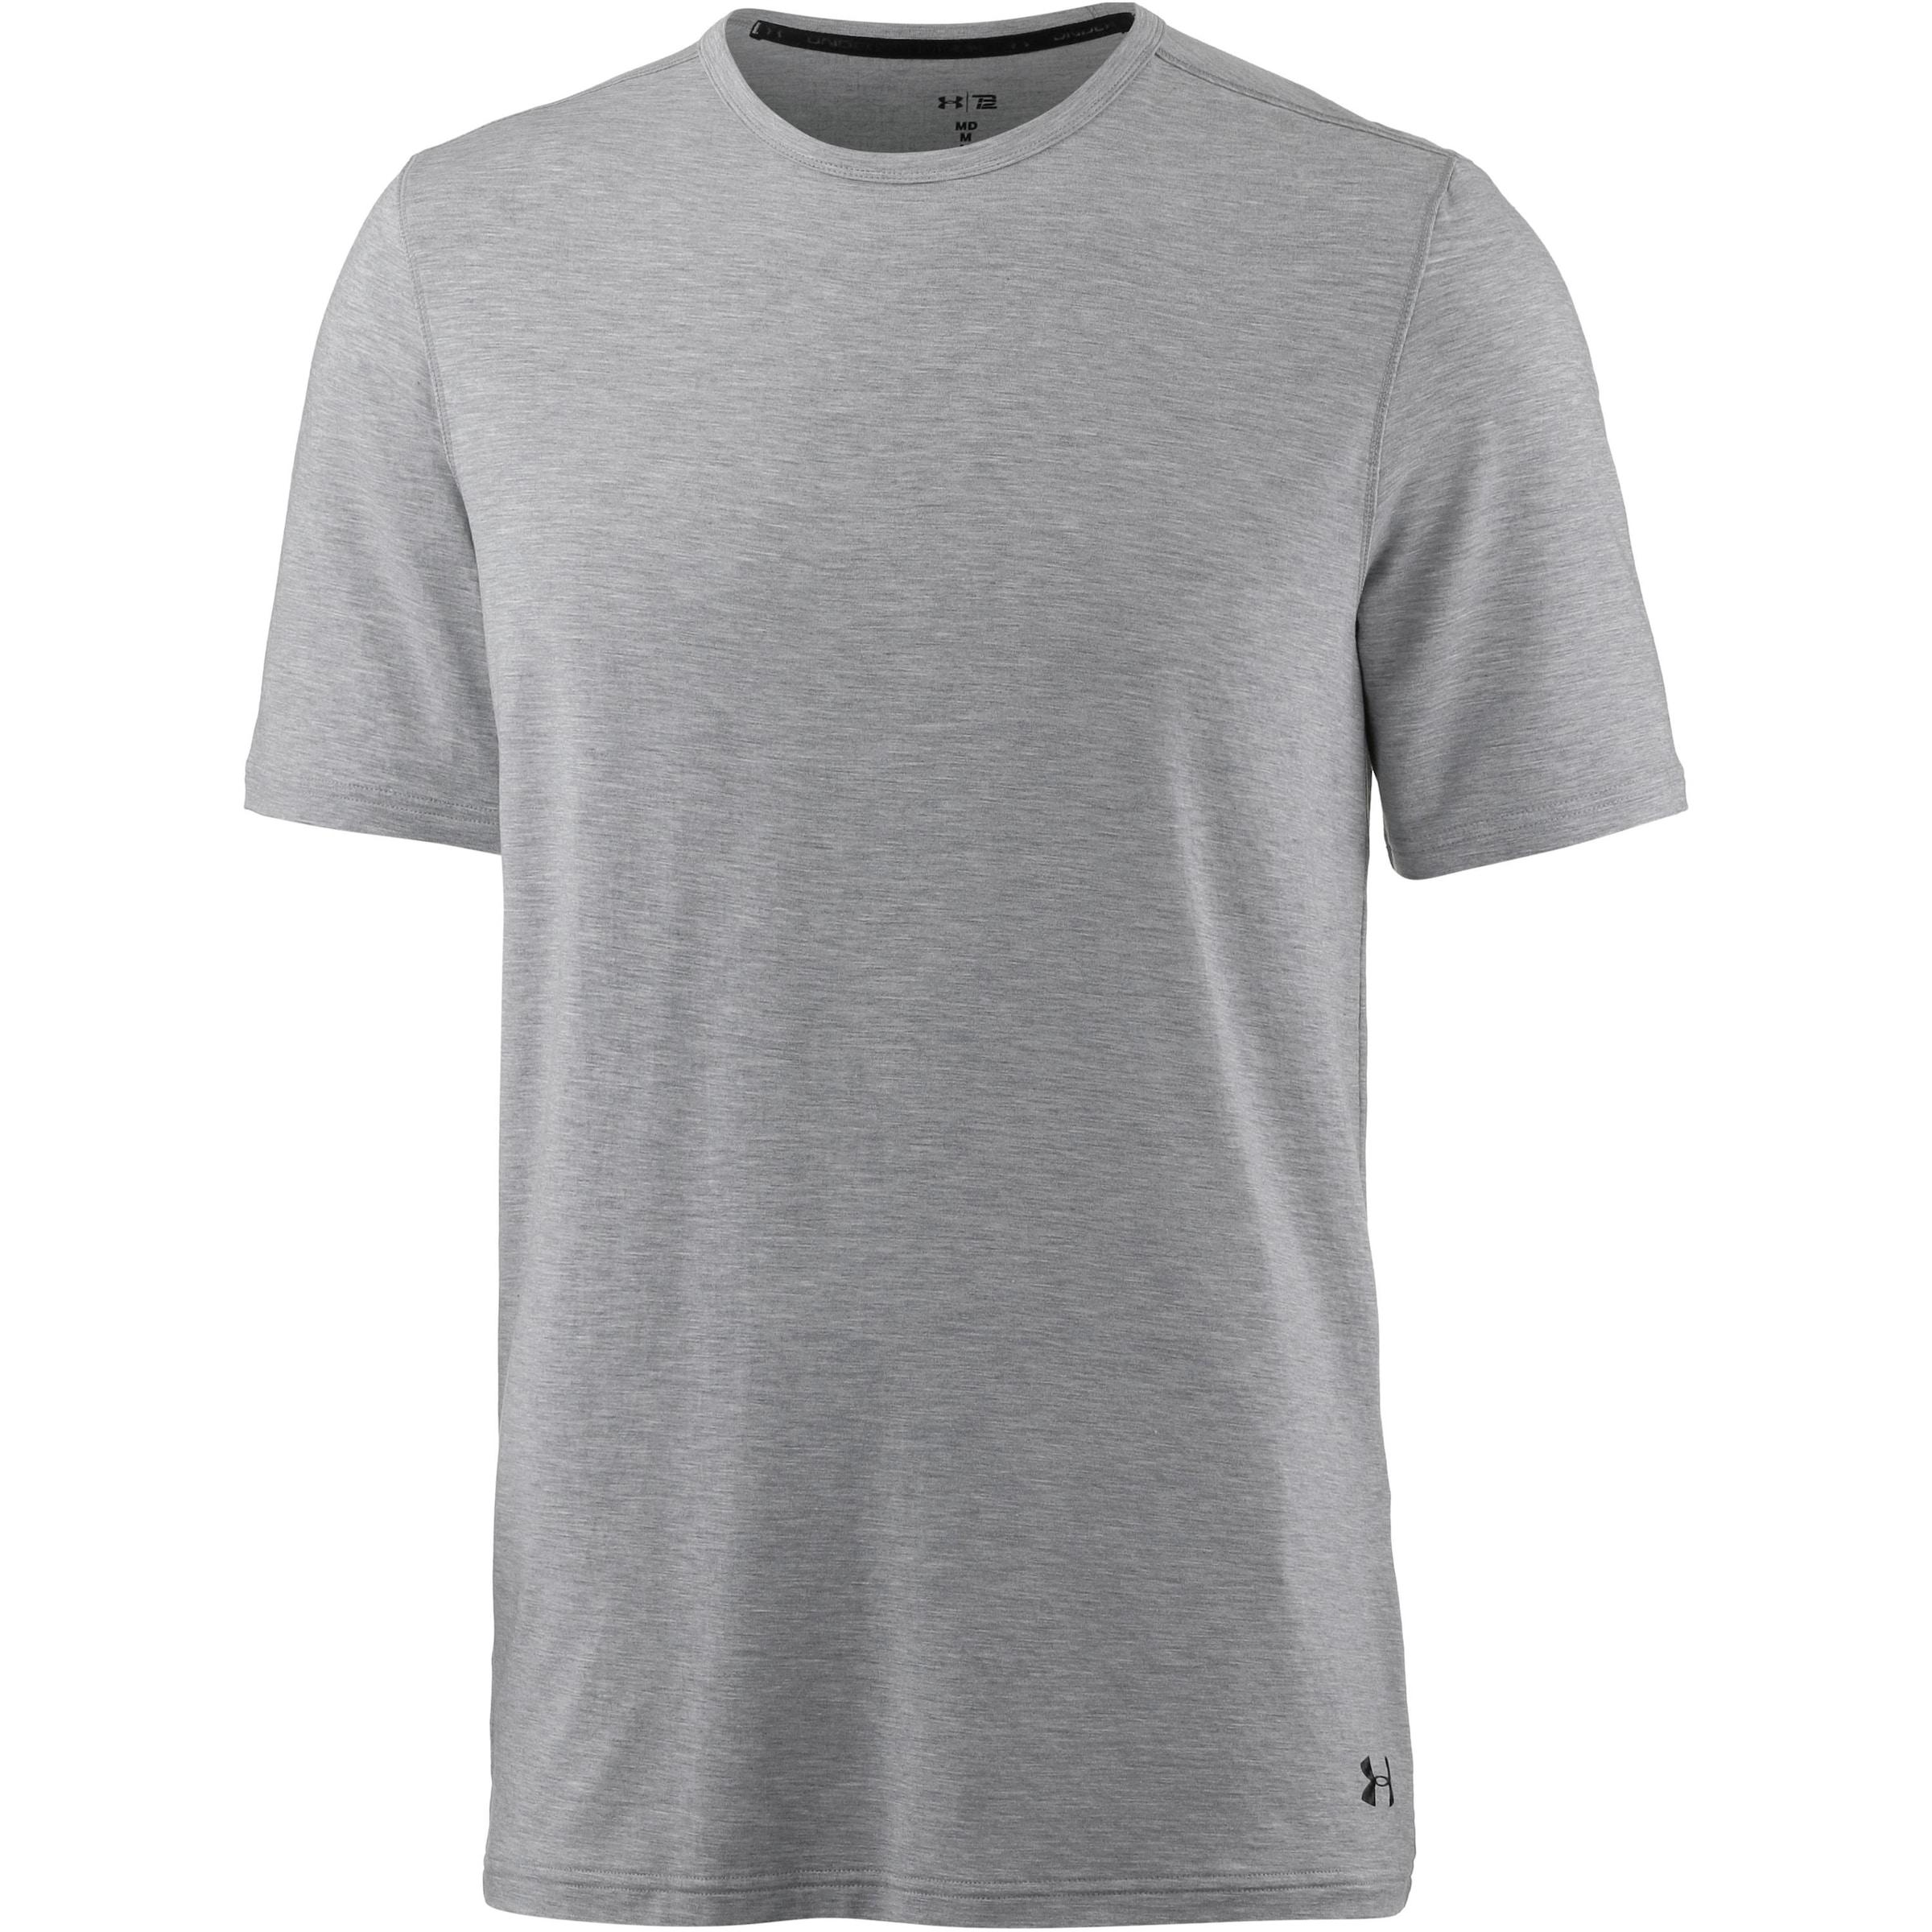 Rabatt Ausgezeichnet Rabatt Für Billig UNDER ARMOUR 'TB12 Sleepwear' T-Shirt Online-Bilder Verkauf KE4SUA